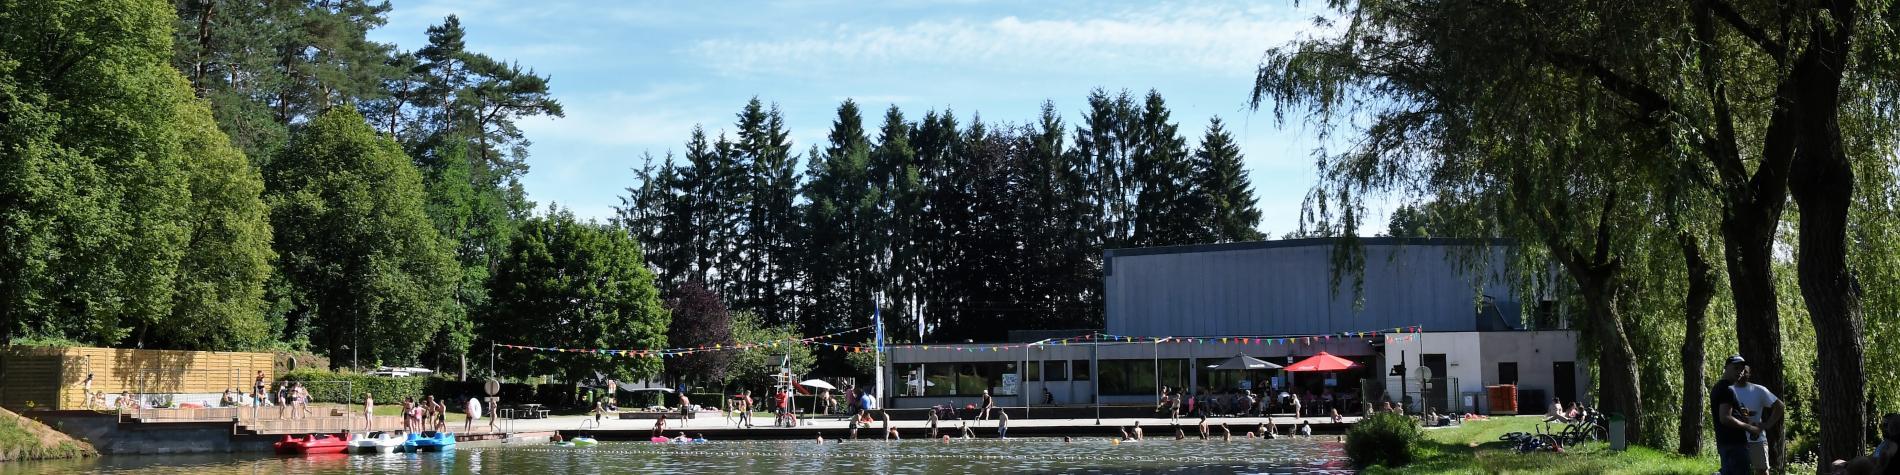 Lac de Conchibois - Saint-Léger